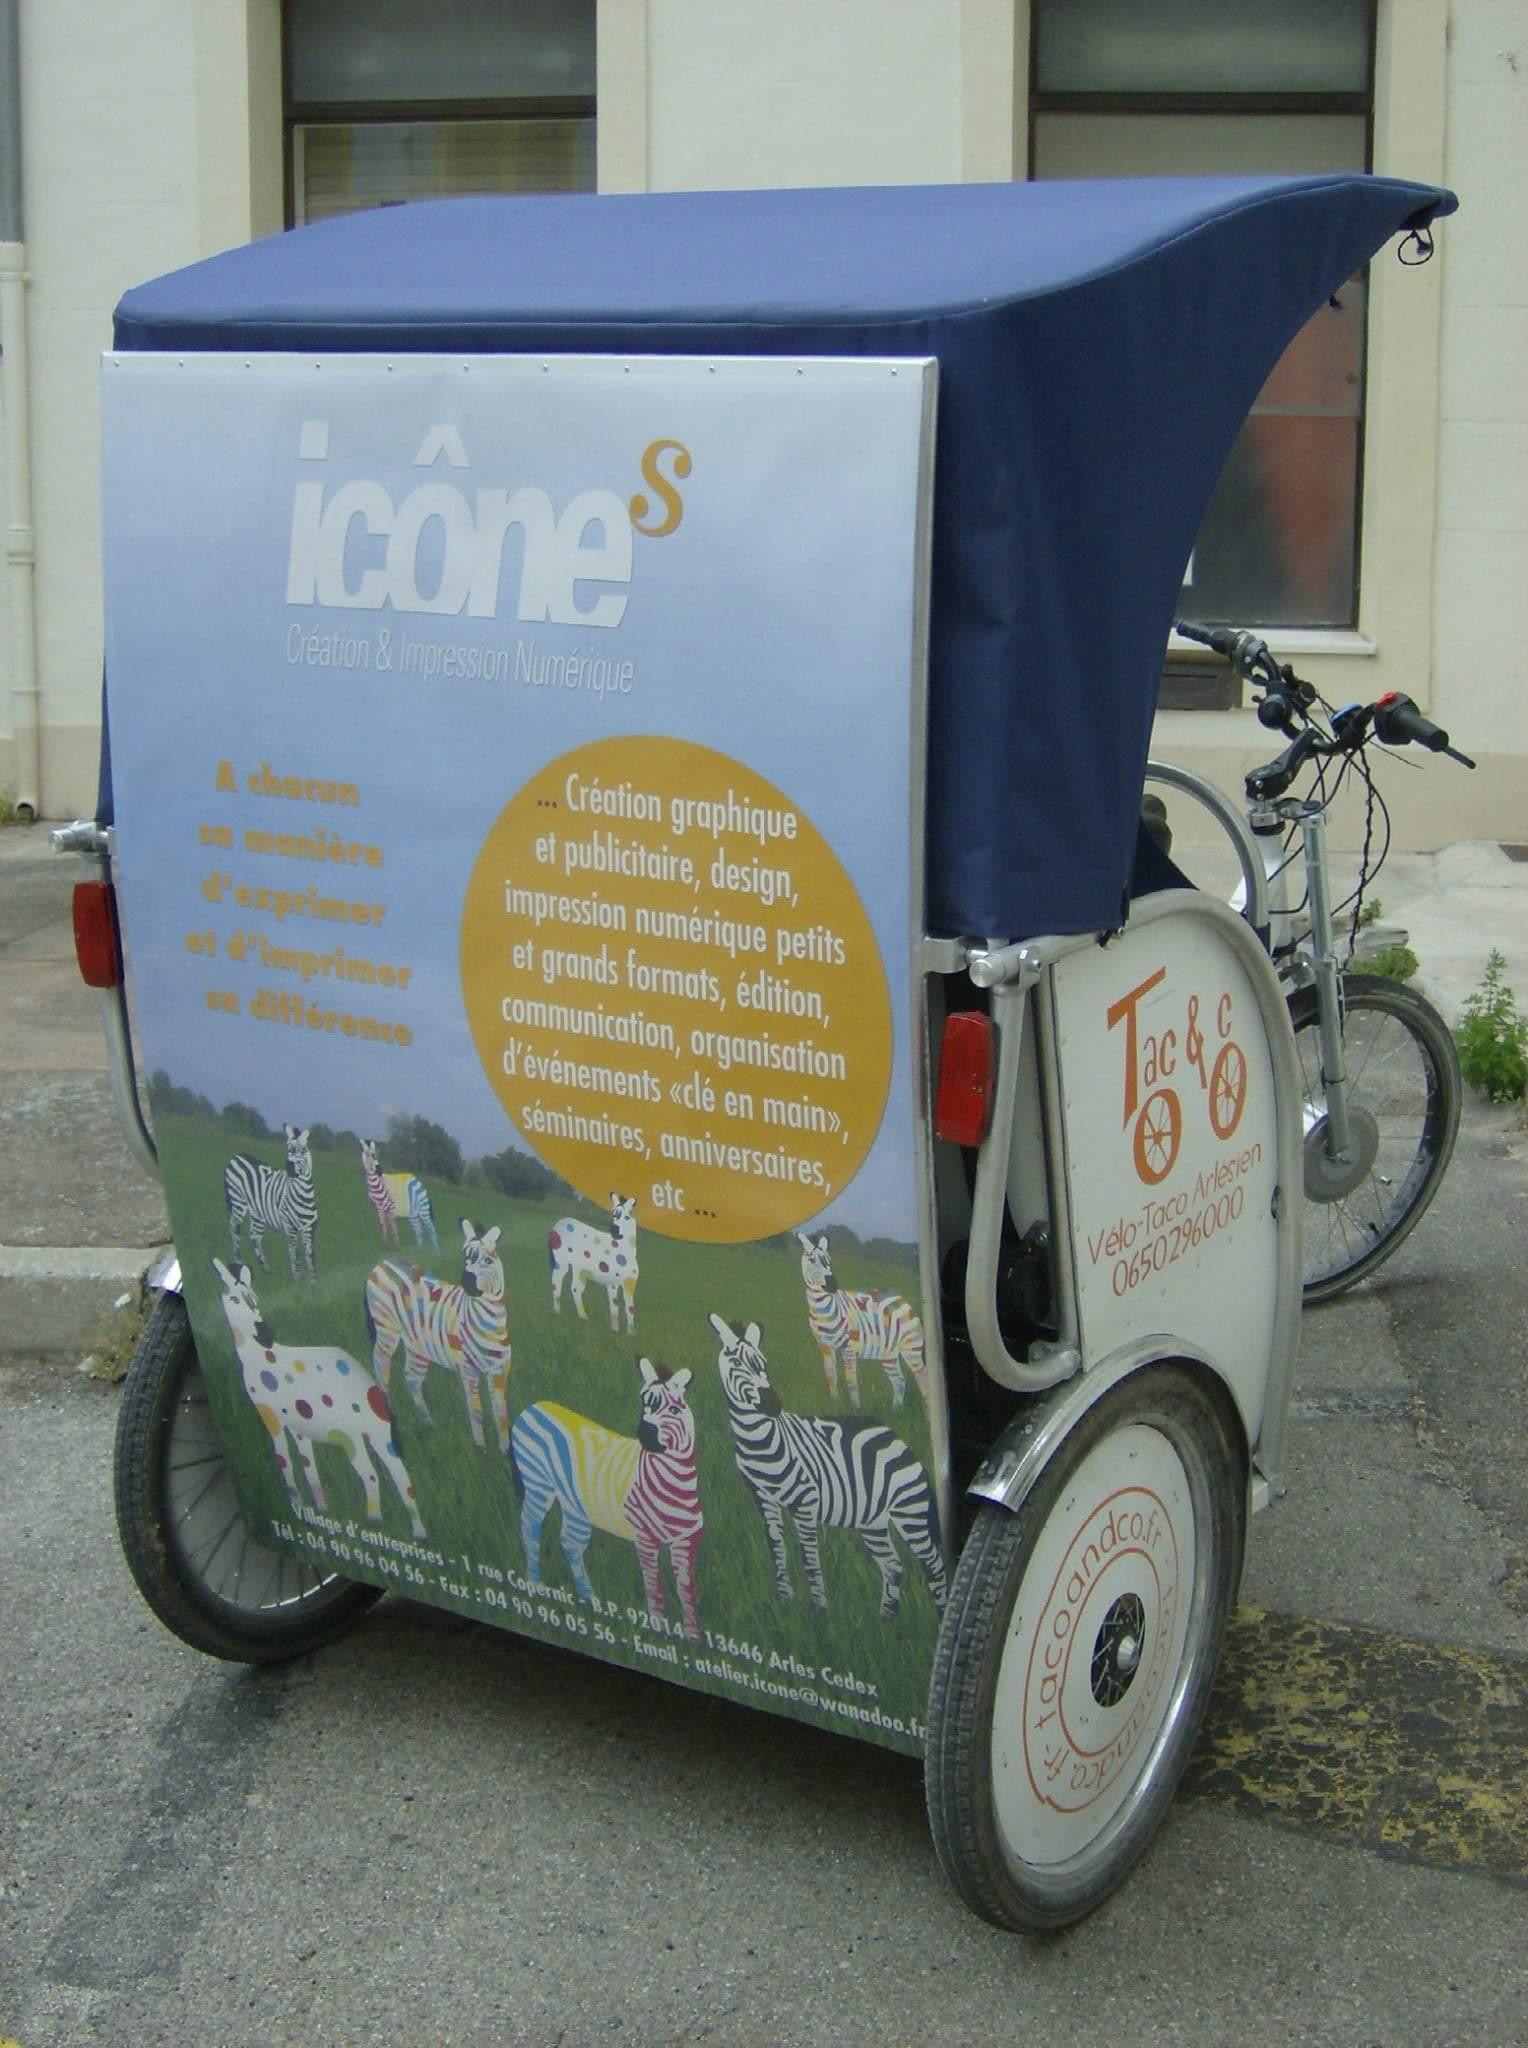 Publicité à Arles: Partenariat avec Icones